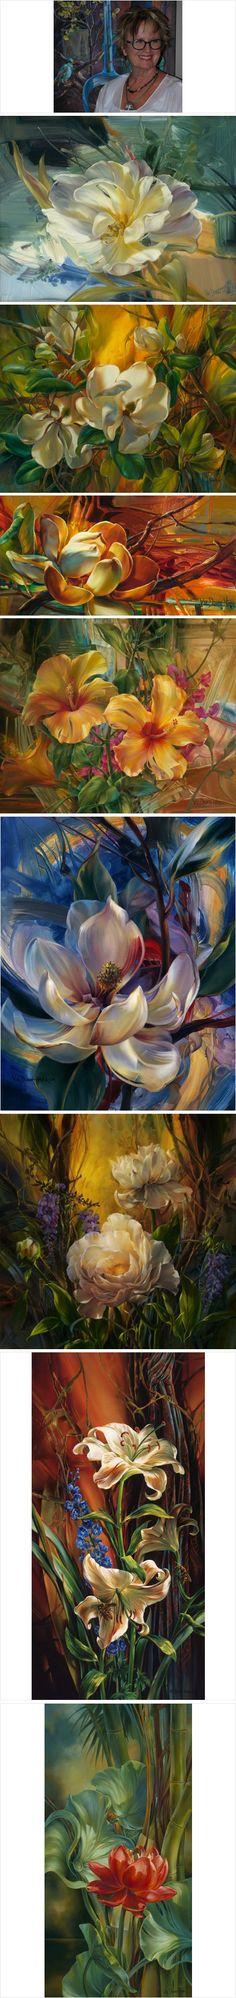 美国艺术家Vie Dunn - Harr花卉绘画作品欣赏~